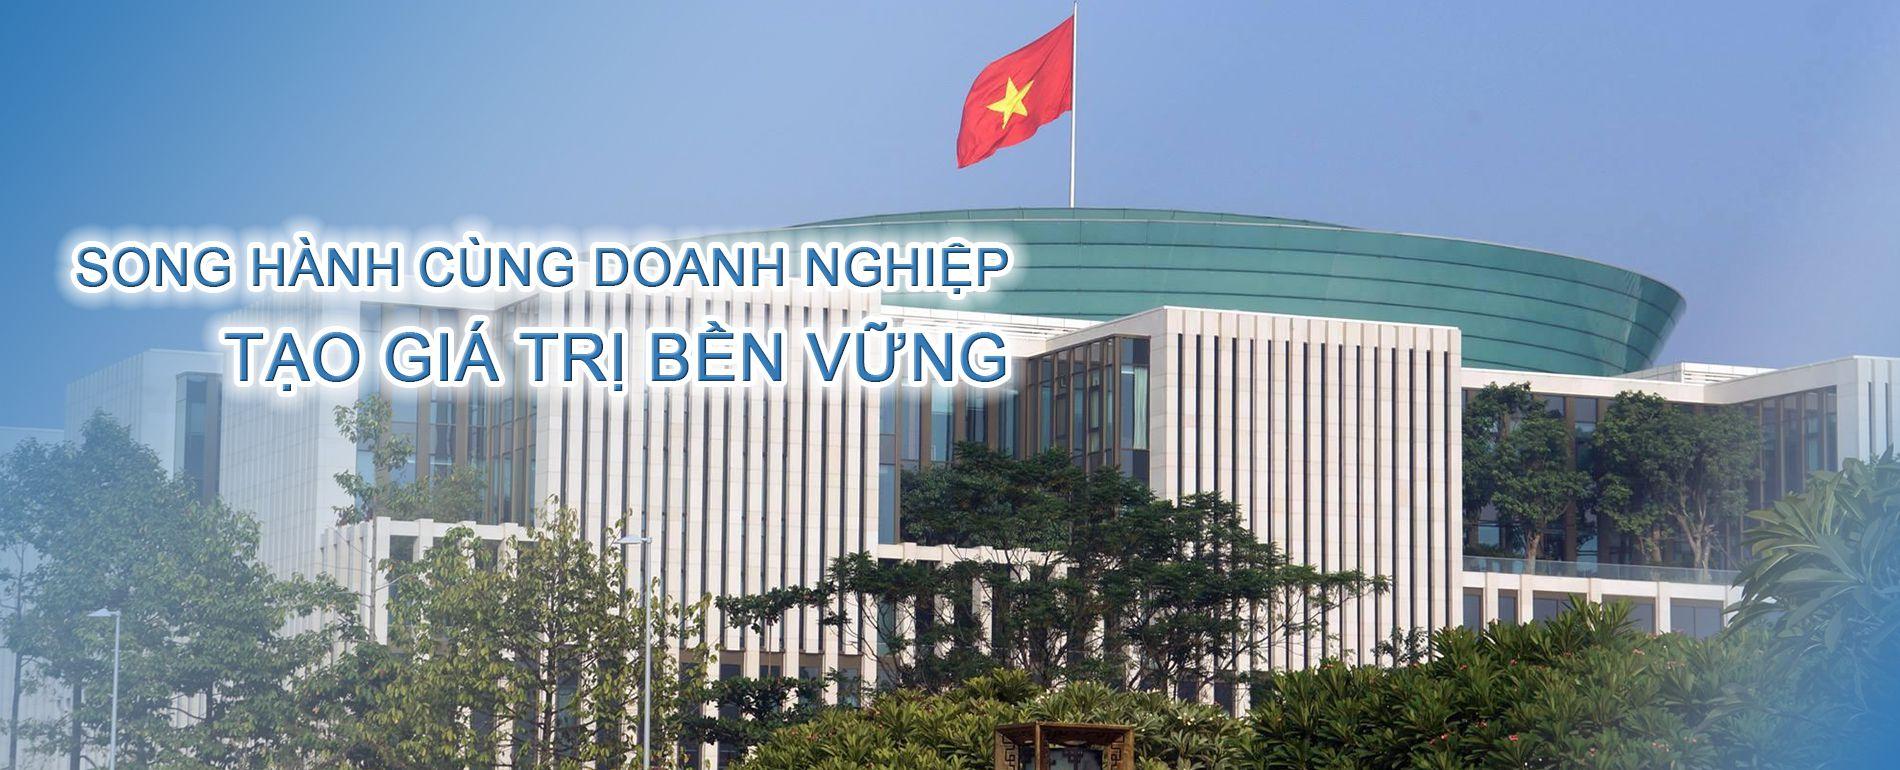 Luật Trung Tín - Song hành cùng doanh nghiệp